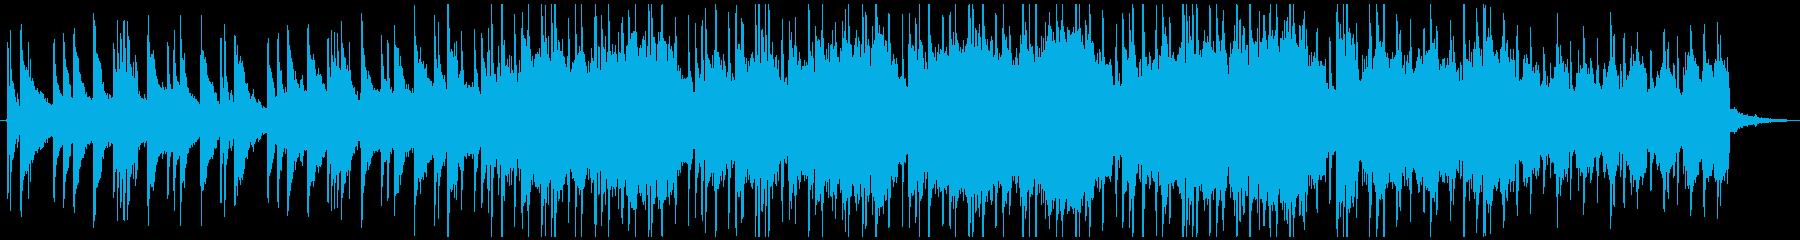 静かなピアノのフレーズ。子供の歌声。の再生済みの波形